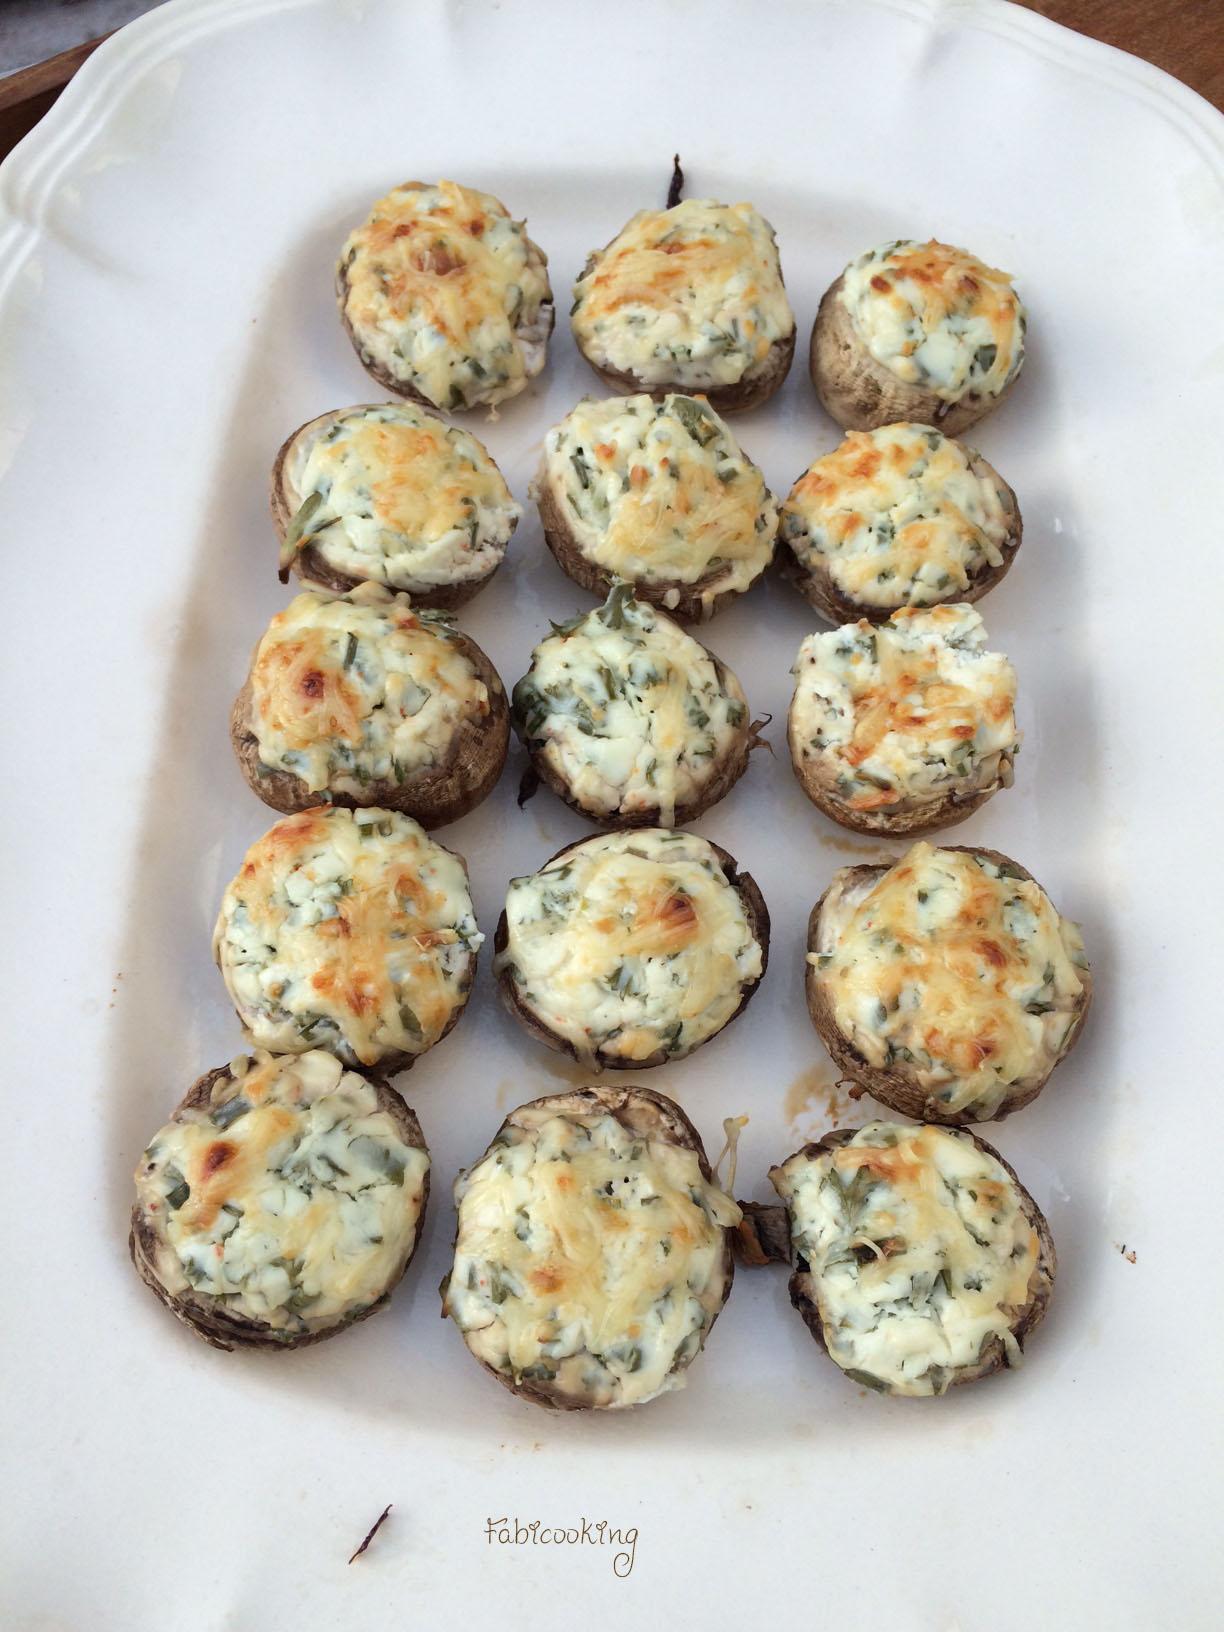 Champignons farcis fromage frais et fines herbes - FabiCooking